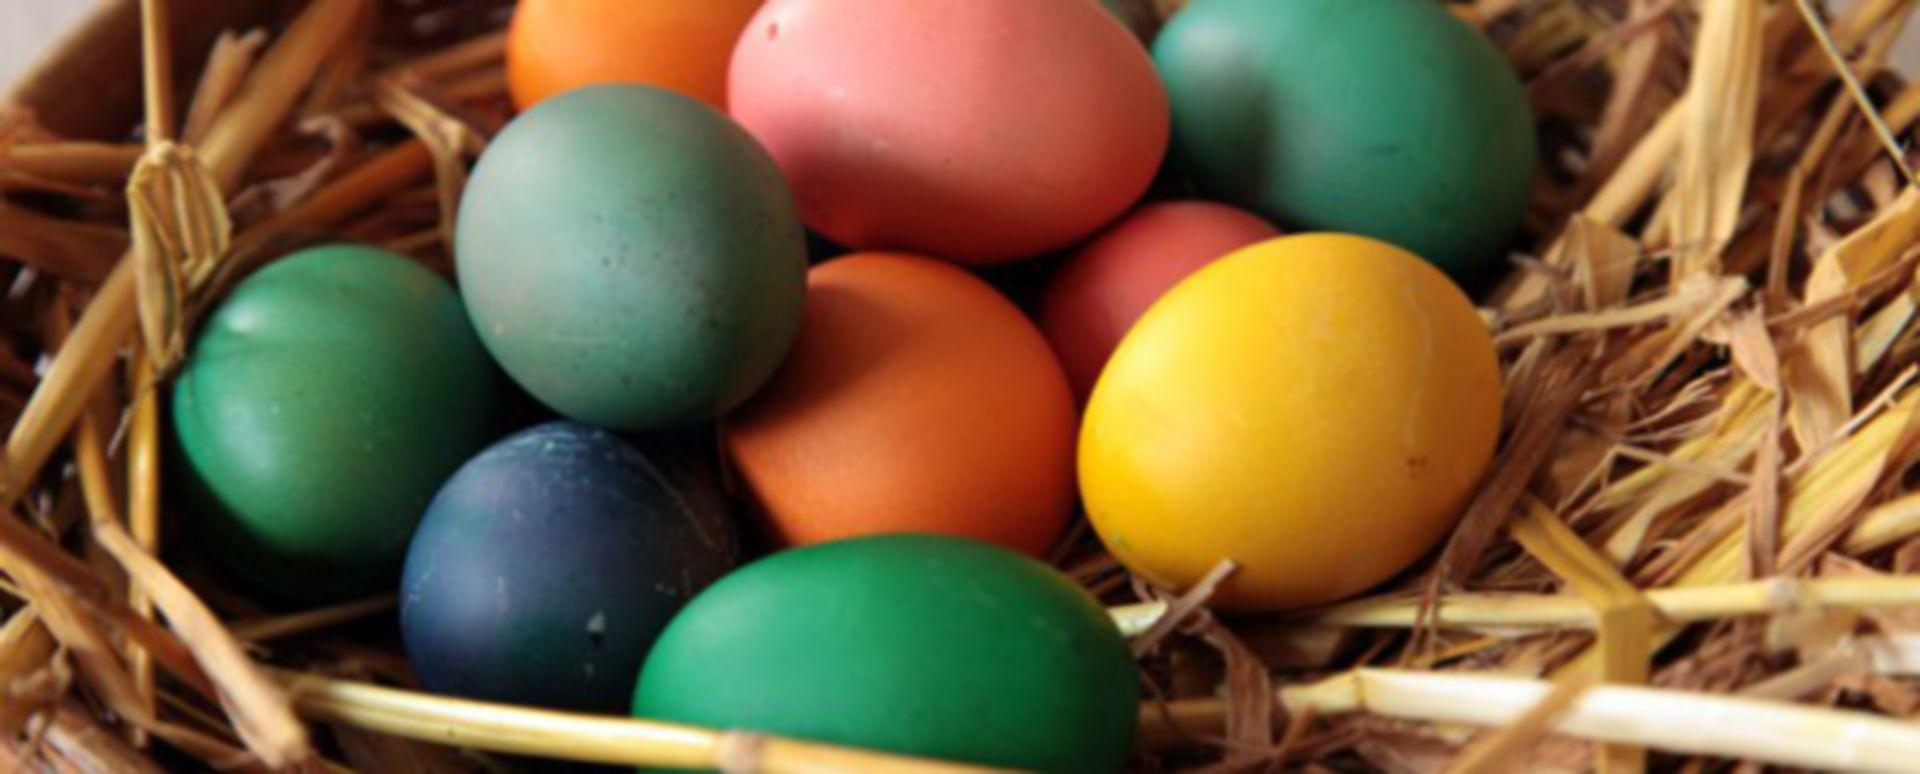 Dicke Eier Und Was Man Damit Tut